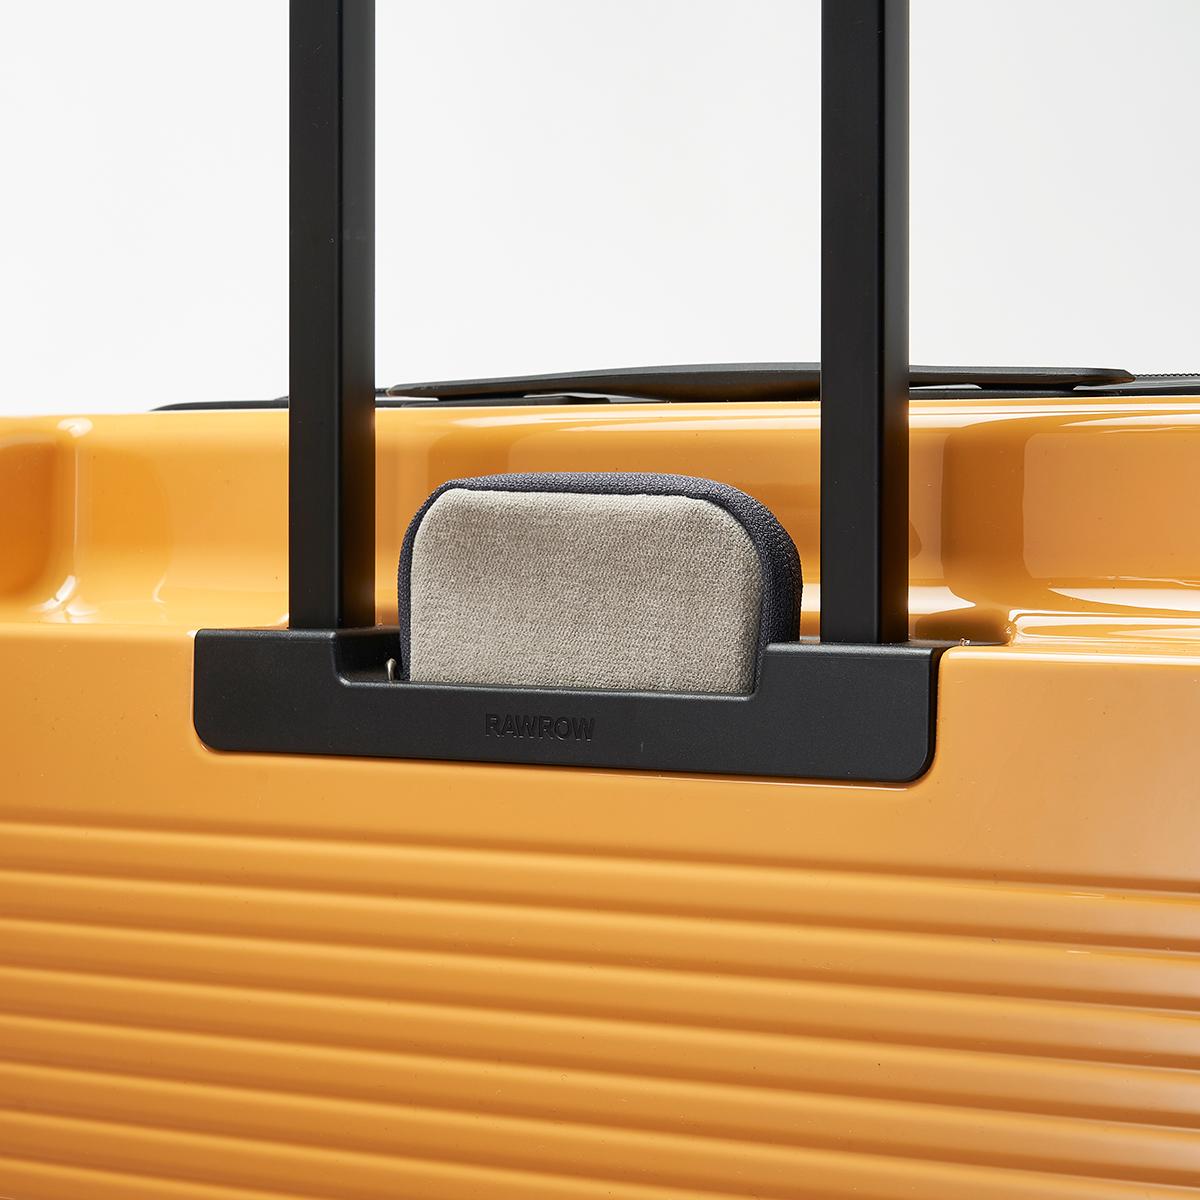 旅先で頻繁に出し入れするパスポートやチケット、地図、モバイルバッテリー等を収納できる「隠しポケット」も完備したスーツケースセット| RAWROW | R TRUNK LITE